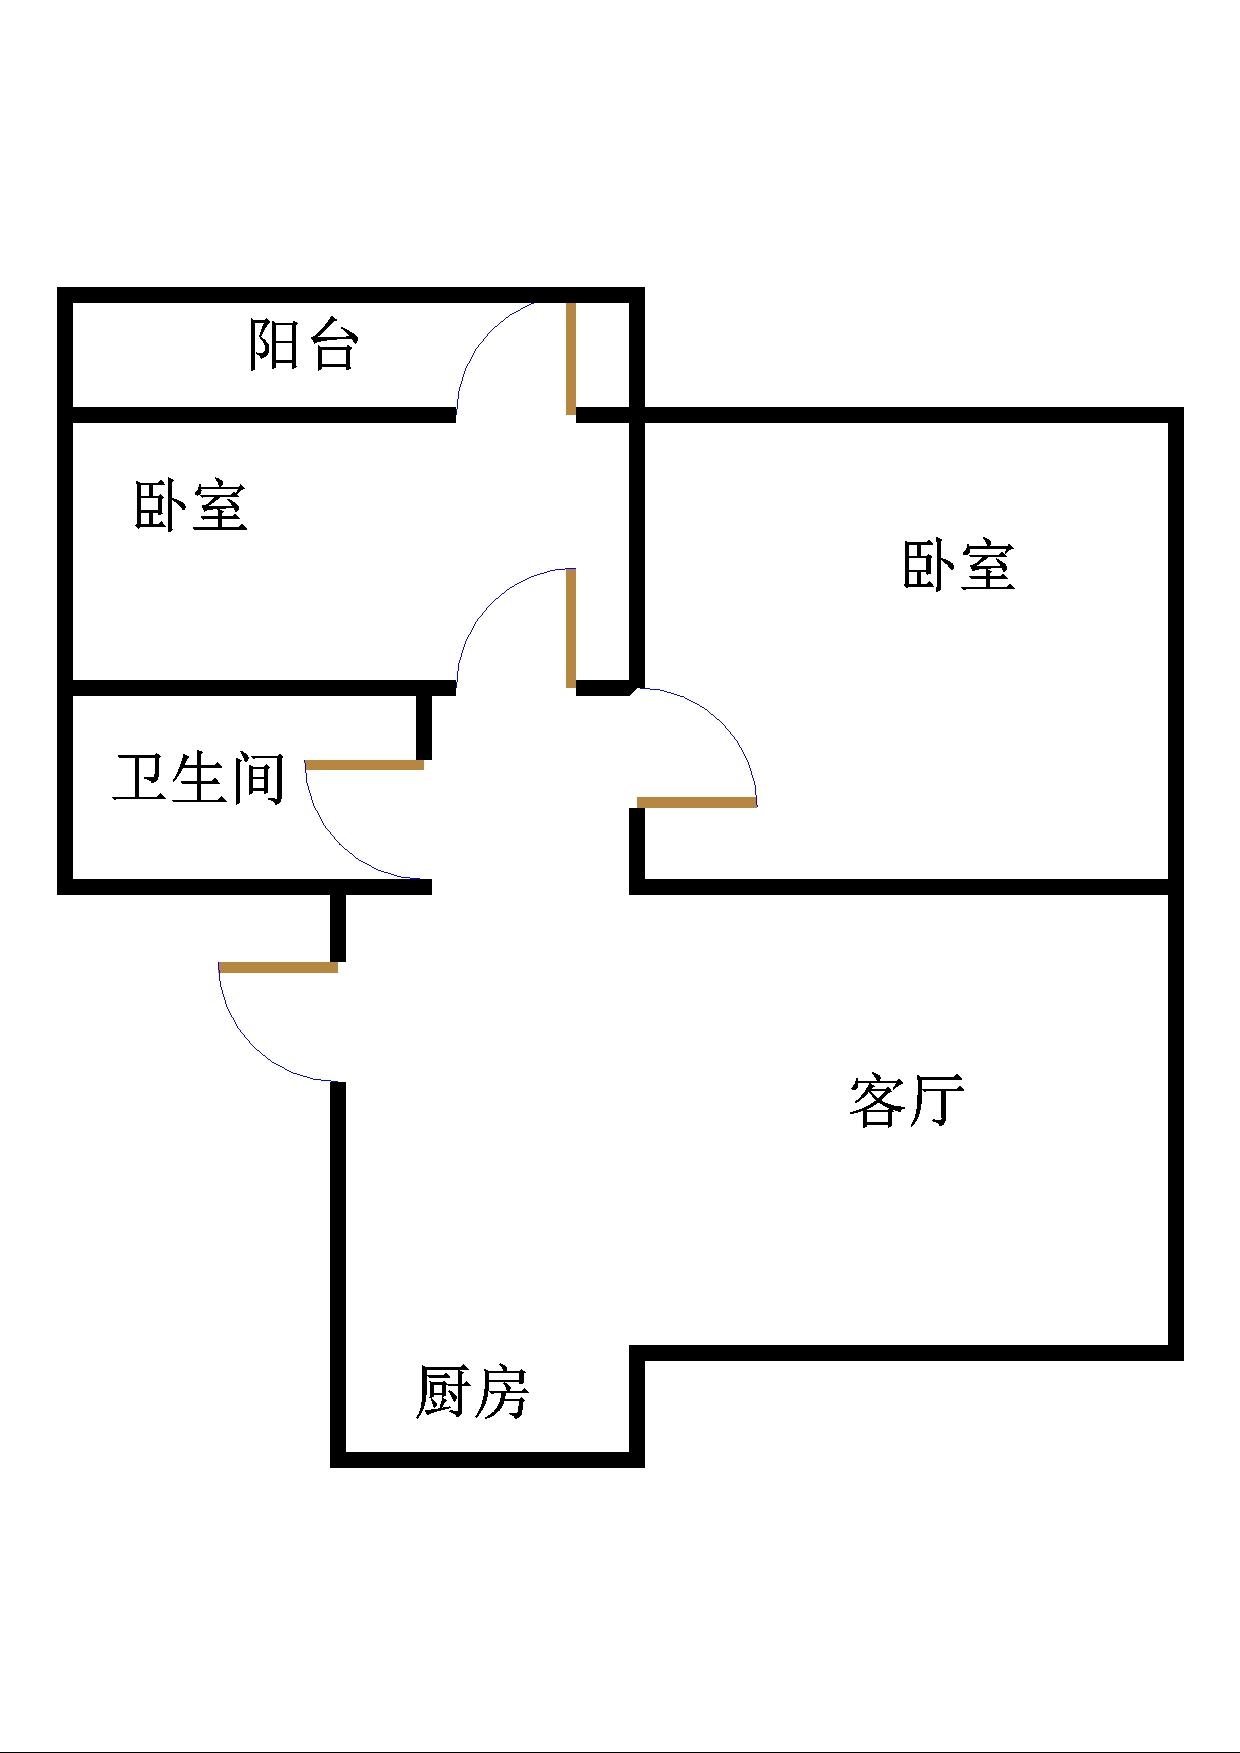 嘉诚景园小区 2室1厅 3楼